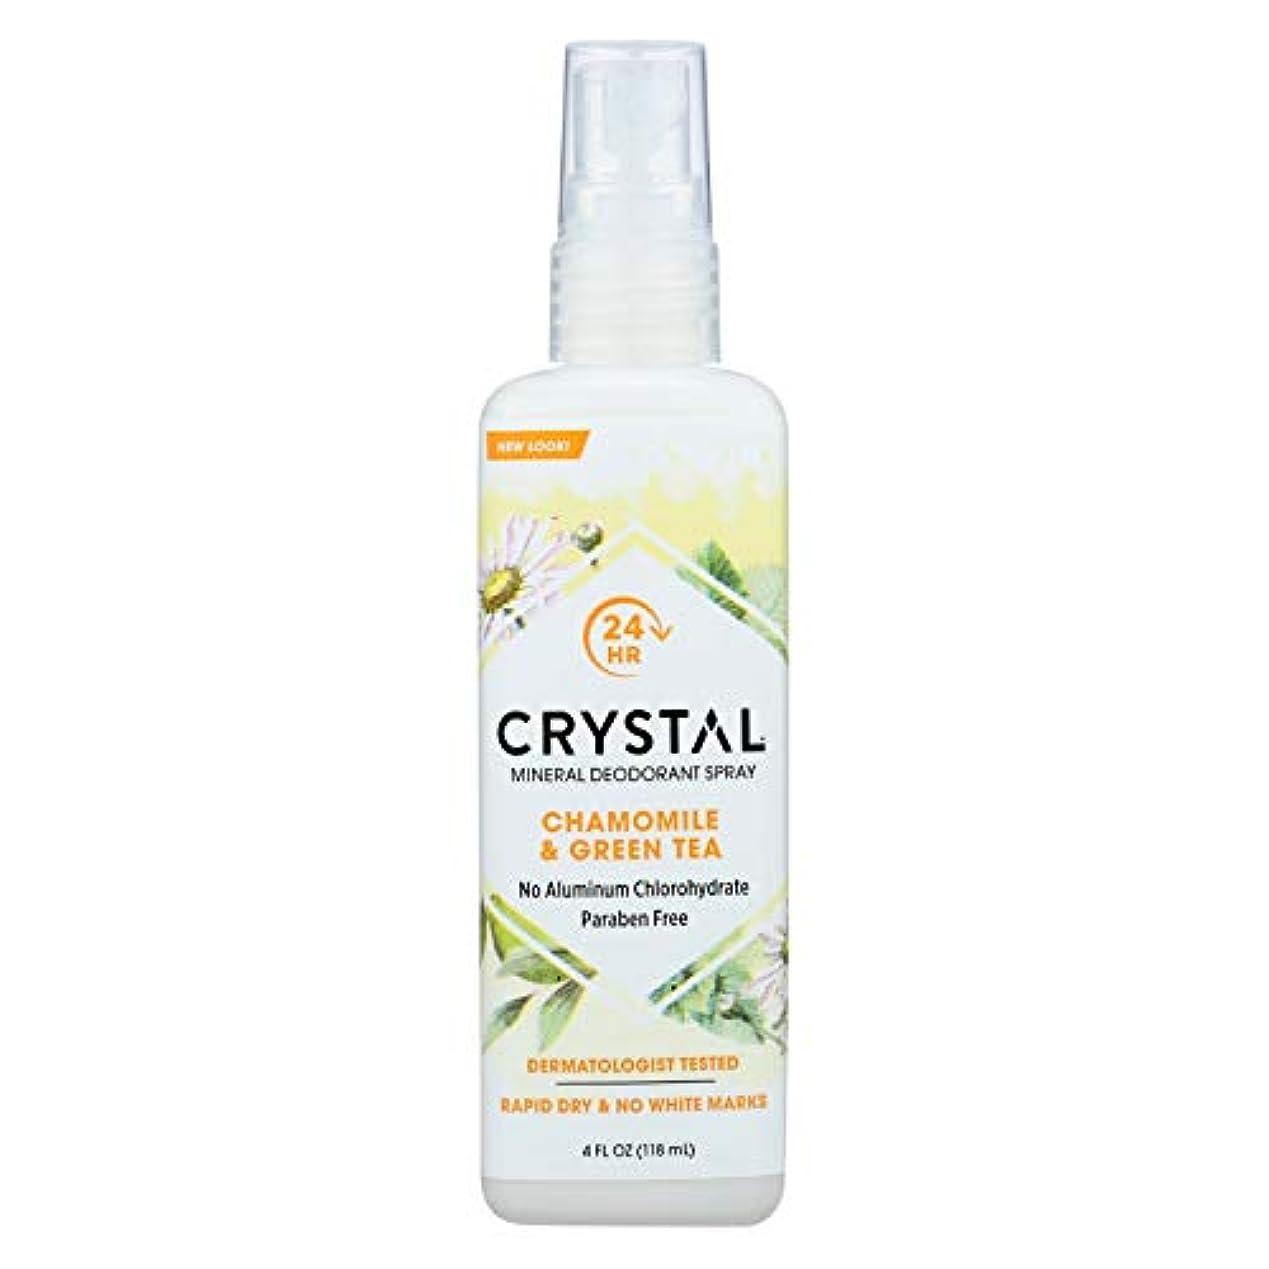 付き添い人フレッシュ式Crystal Body Deodorant - 水晶本質のフランスの運輸Chamomile及び緑茶によるミネラル防臭剤ボディスプレー - 4ポンド